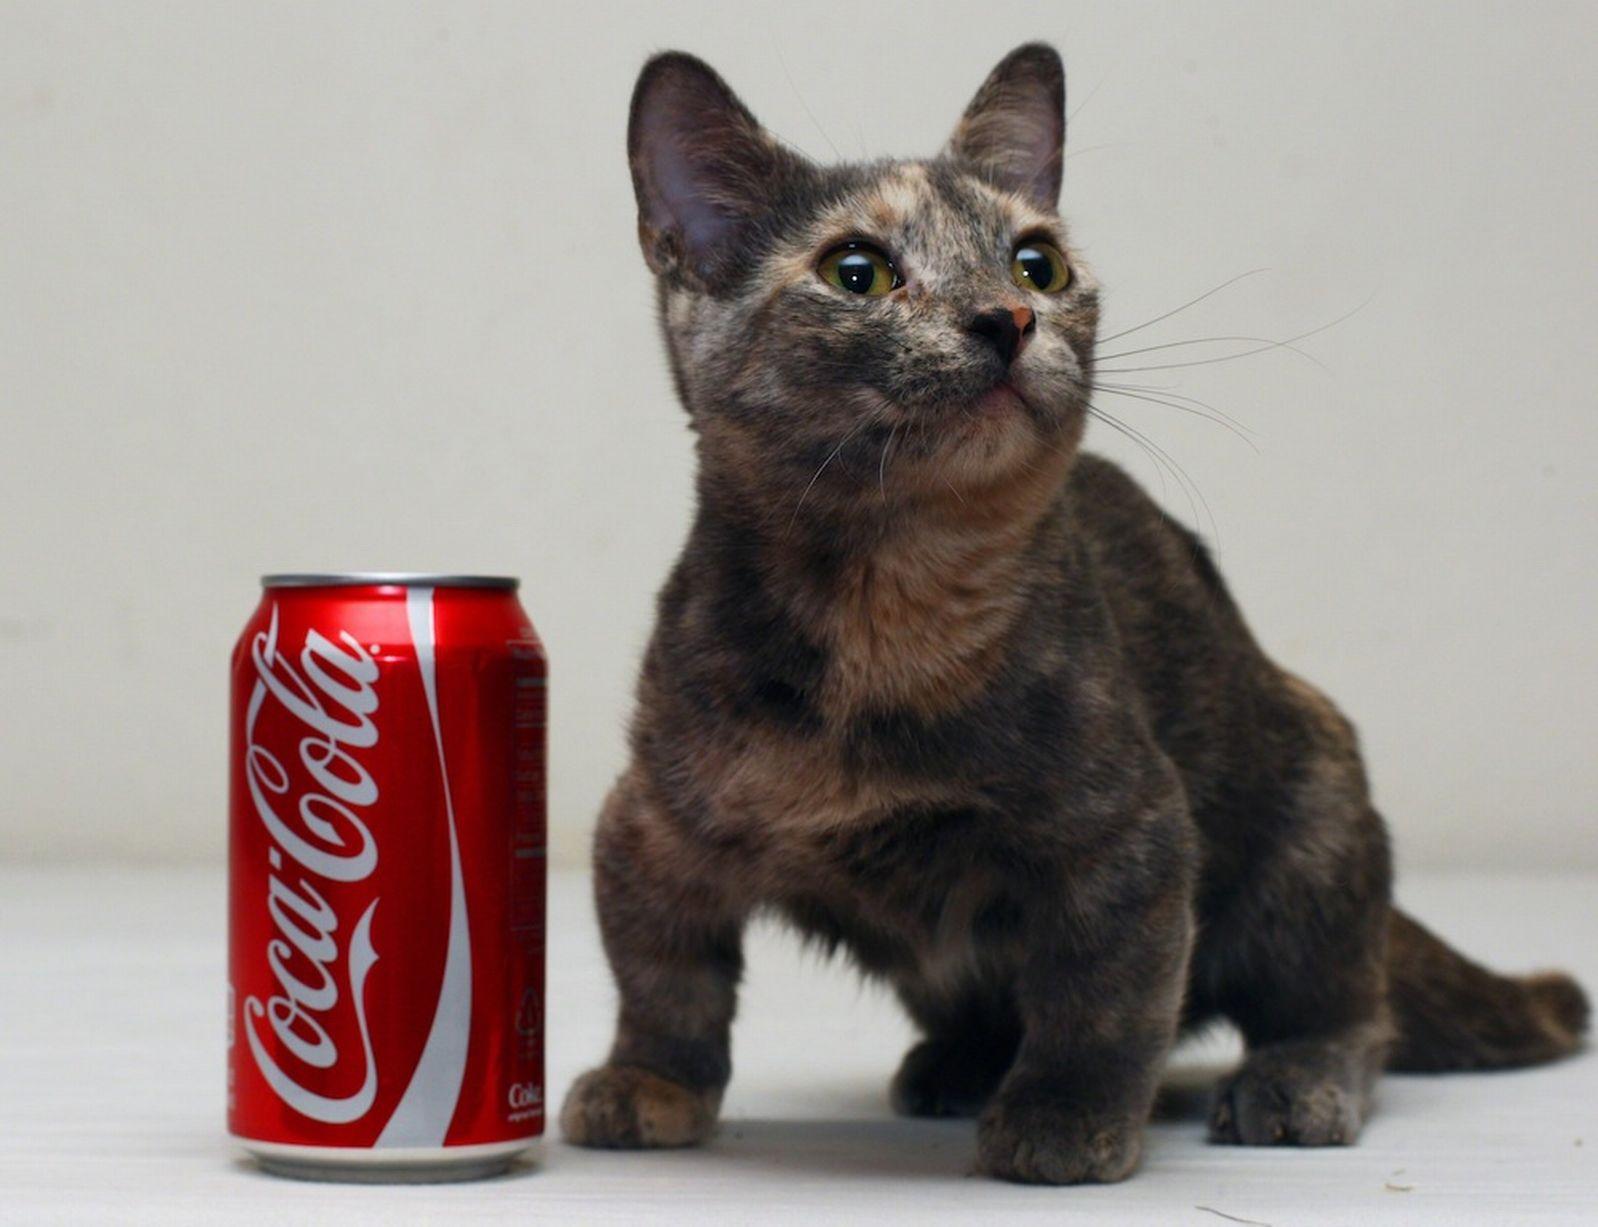 Gatto più piccolo del mondo: si tratta di Pixel